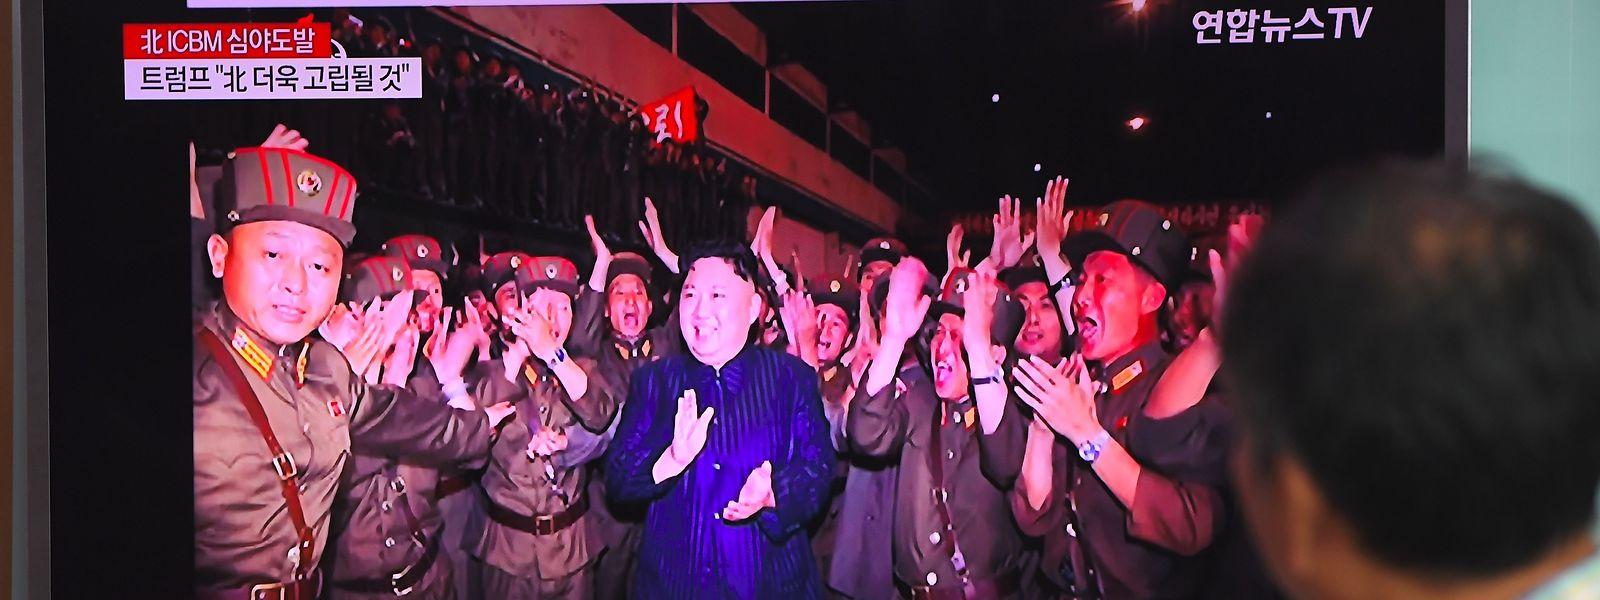 Die Welt betrachtet Nordkorea in Sorge.